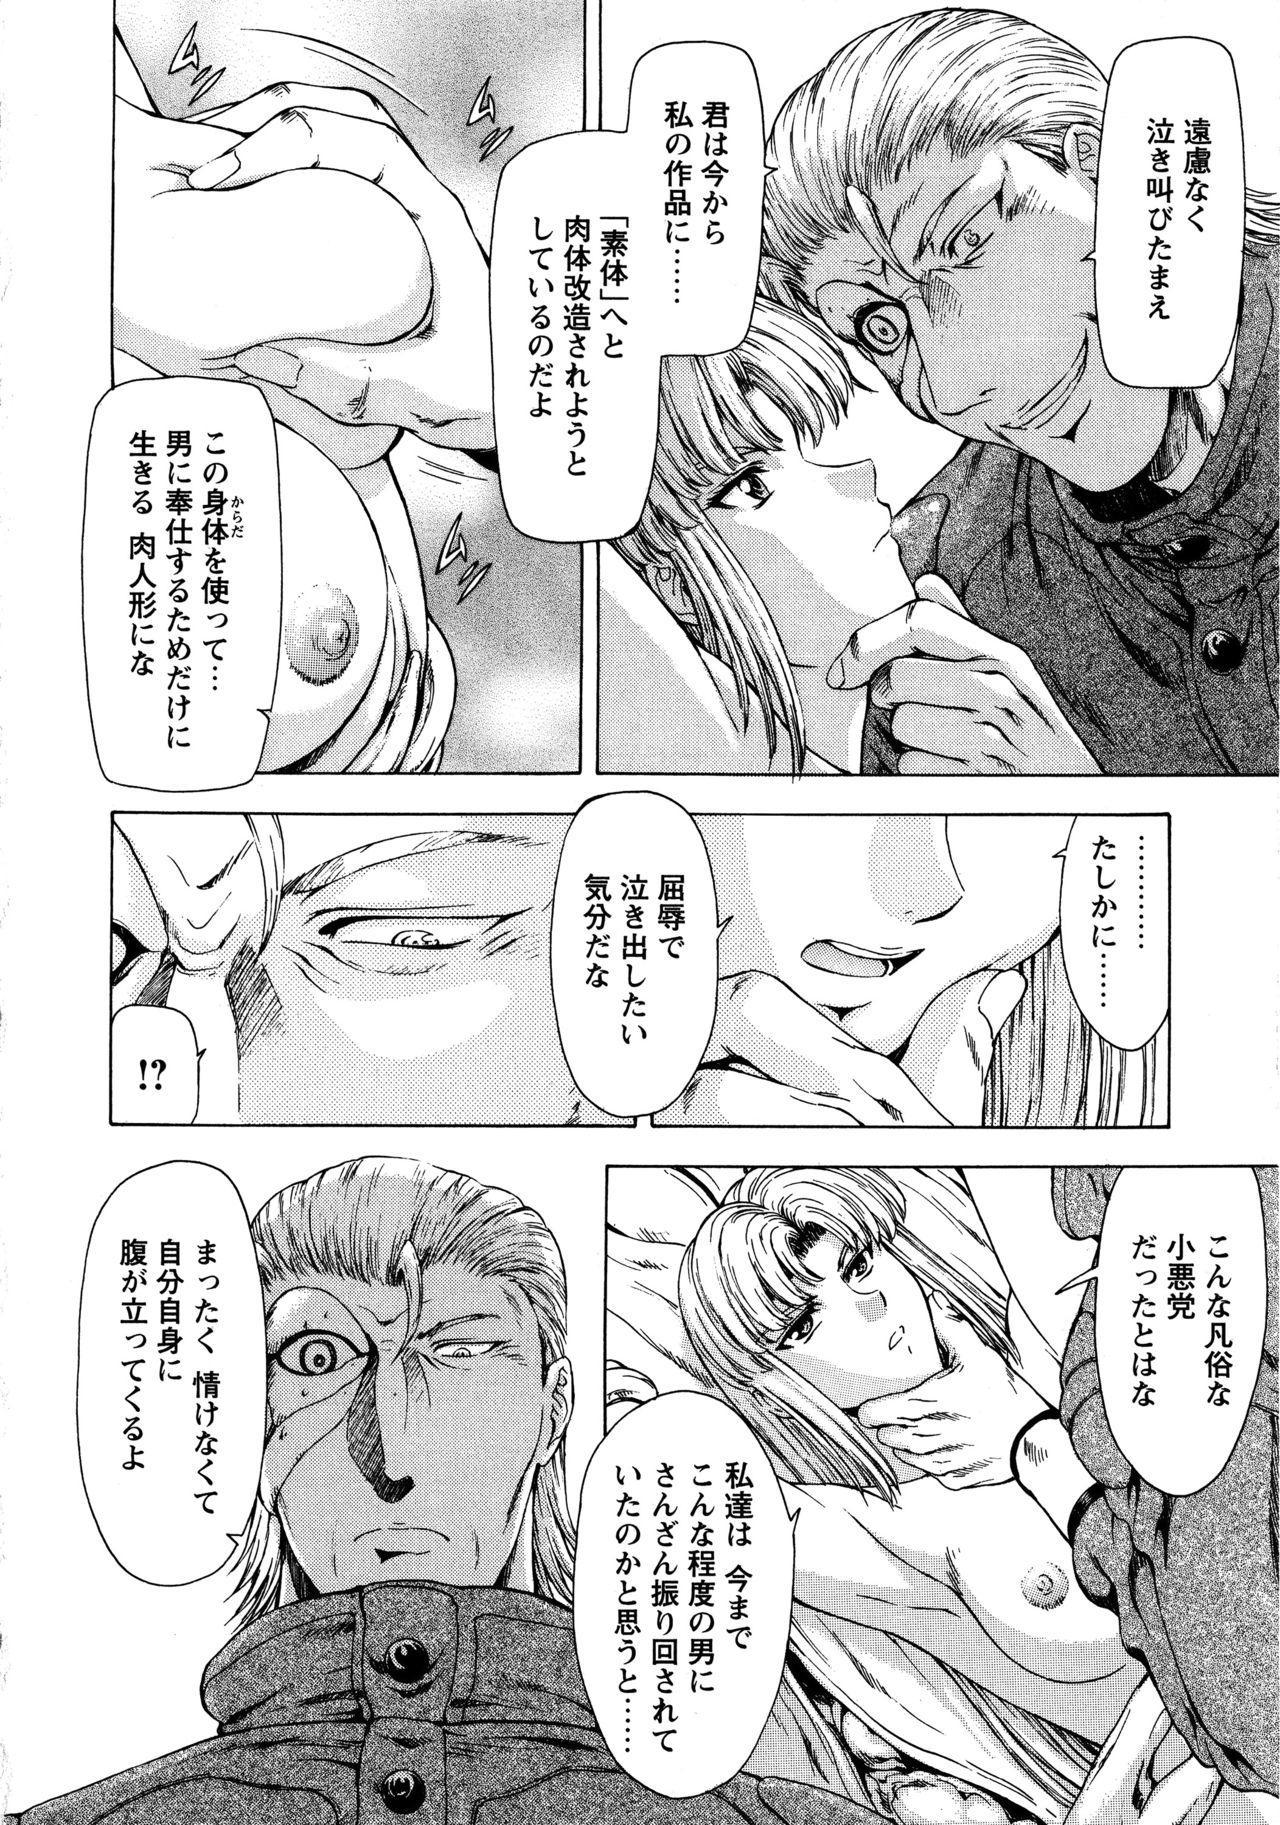 Ginryuu no Reimei Vol. 1 161